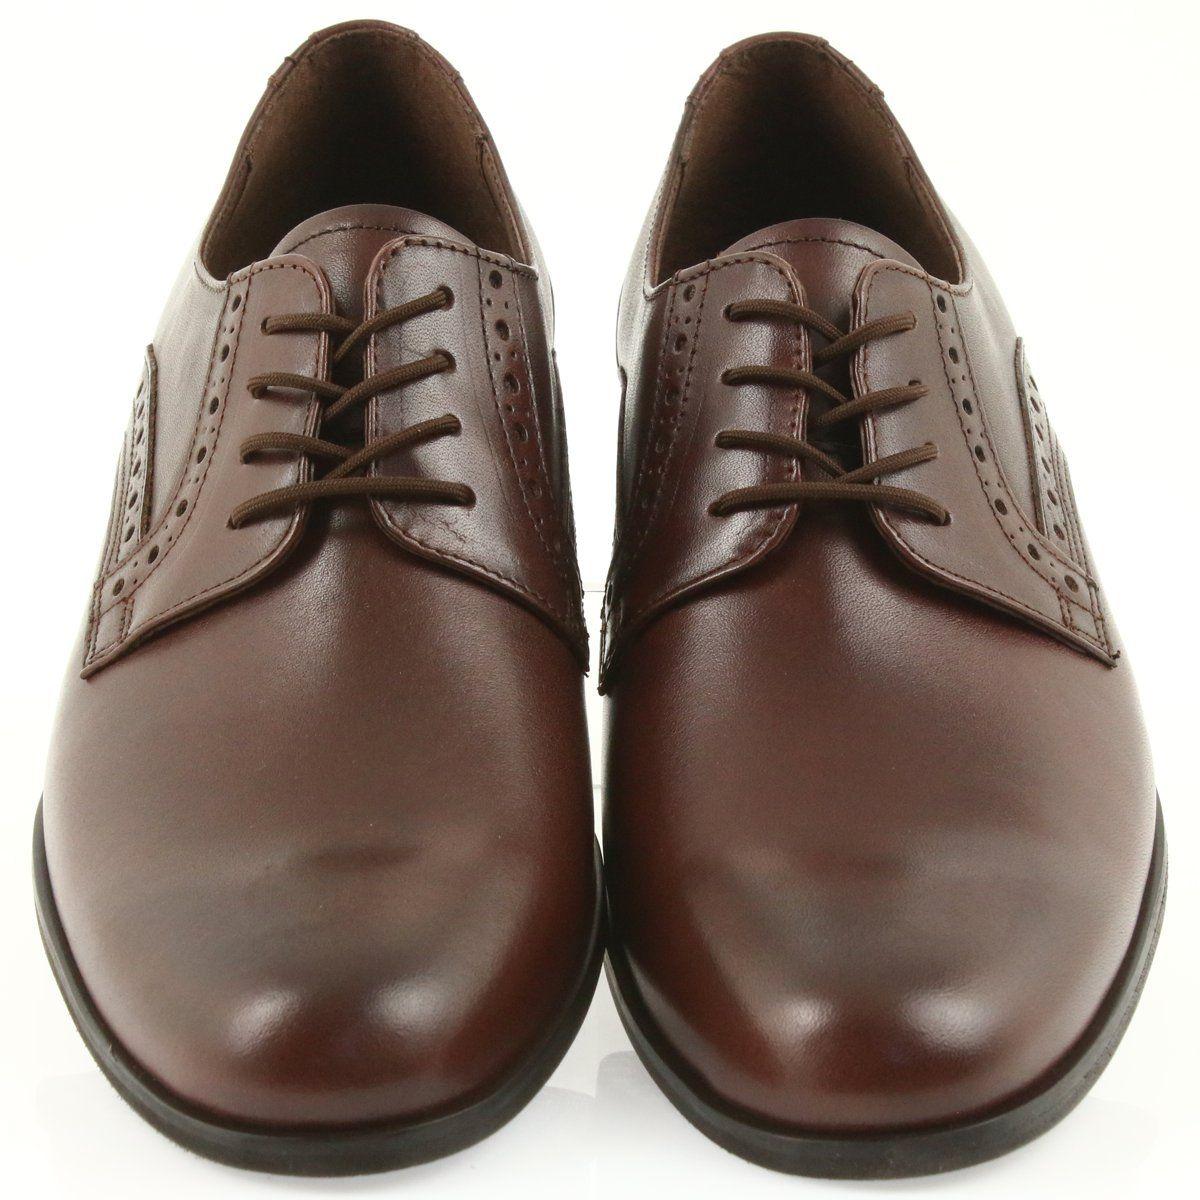 Polbuty Meskie Tur Tur Polbuty Skorzane Wiazane 388 Brazowe Dress Shoes Men Oxford Shoes Men Dress